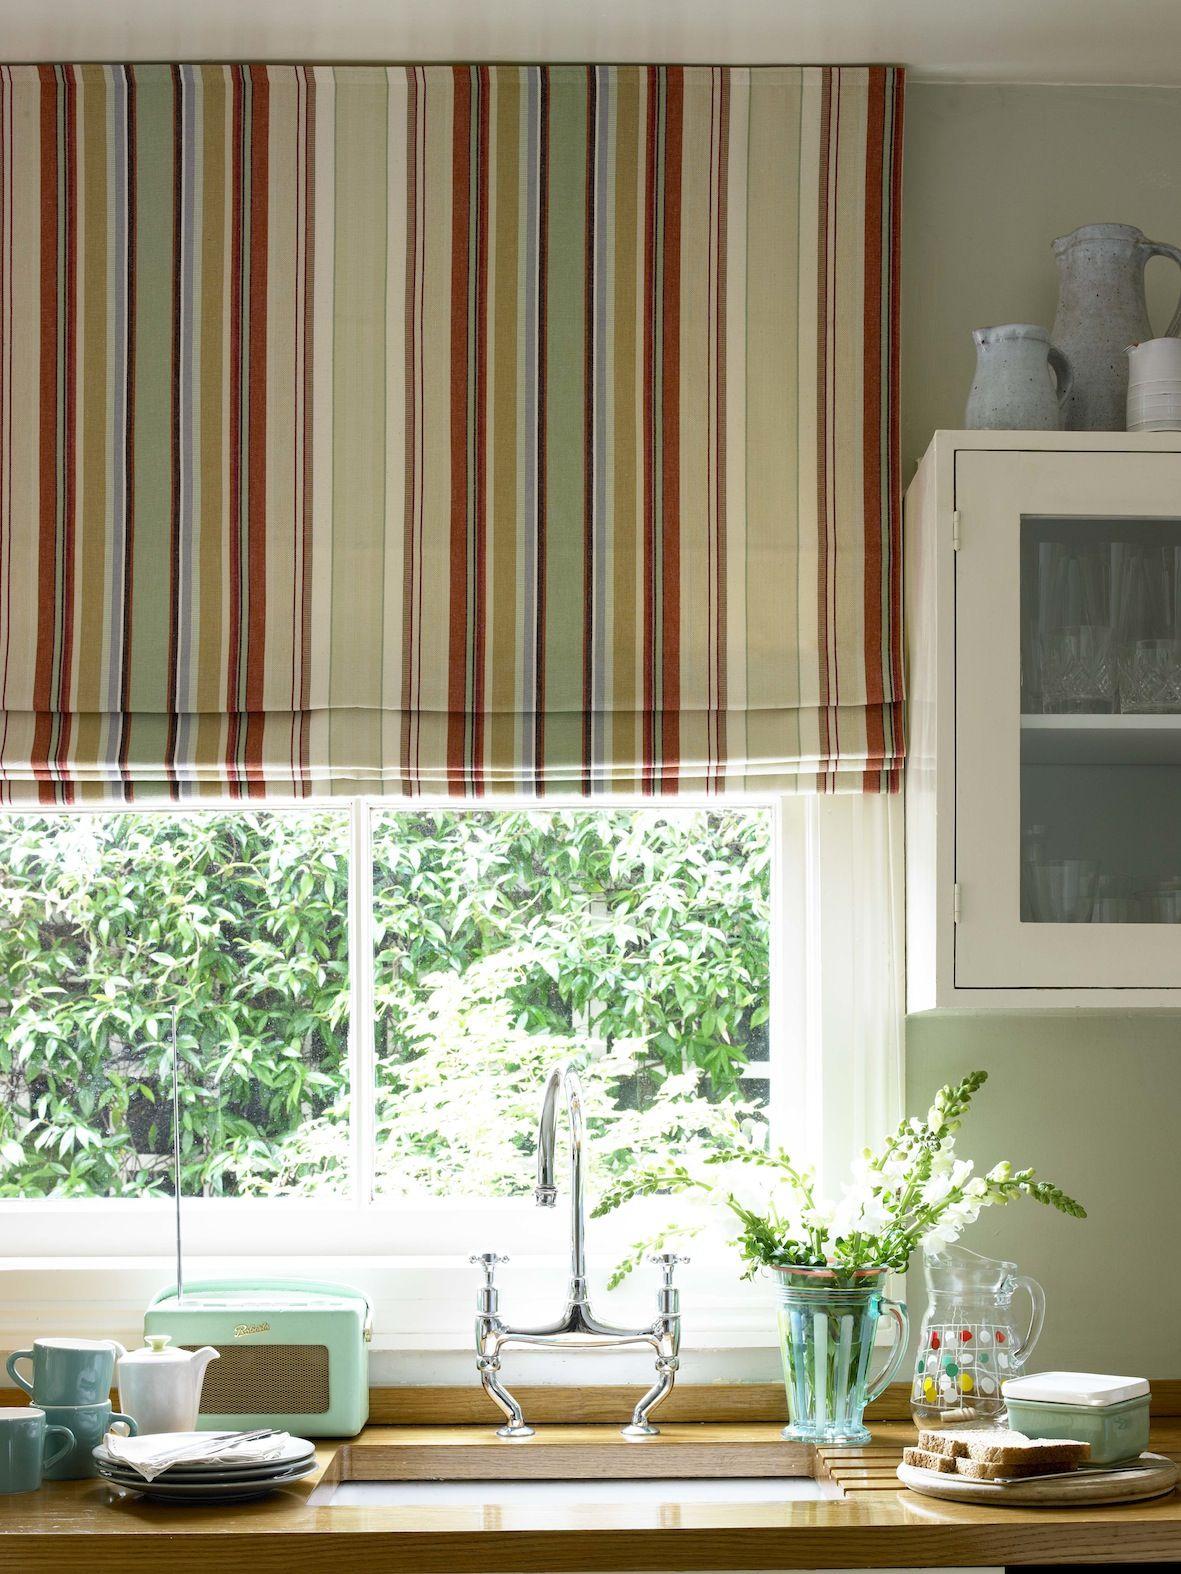 Дизайн штор для кухни полосатый